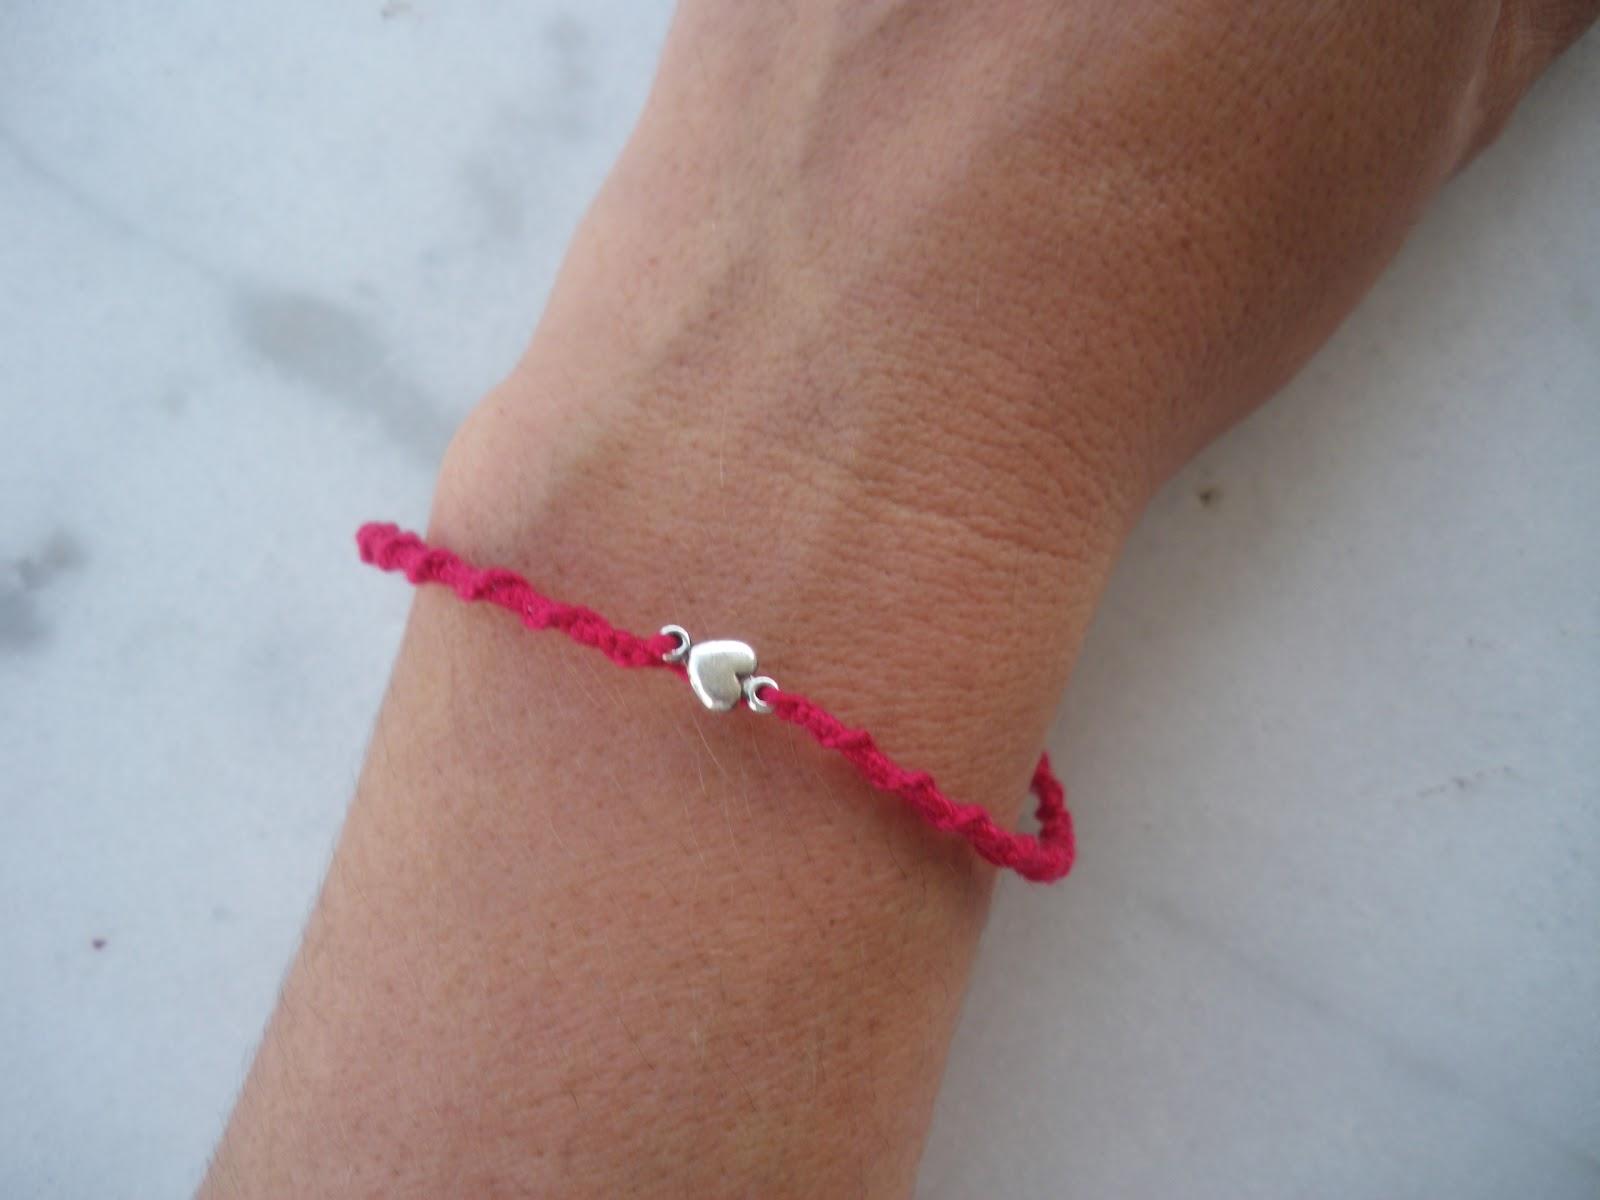 Le \u0026quot;petit bracelet rouge\u0026quot; Un symbole, une valeur.